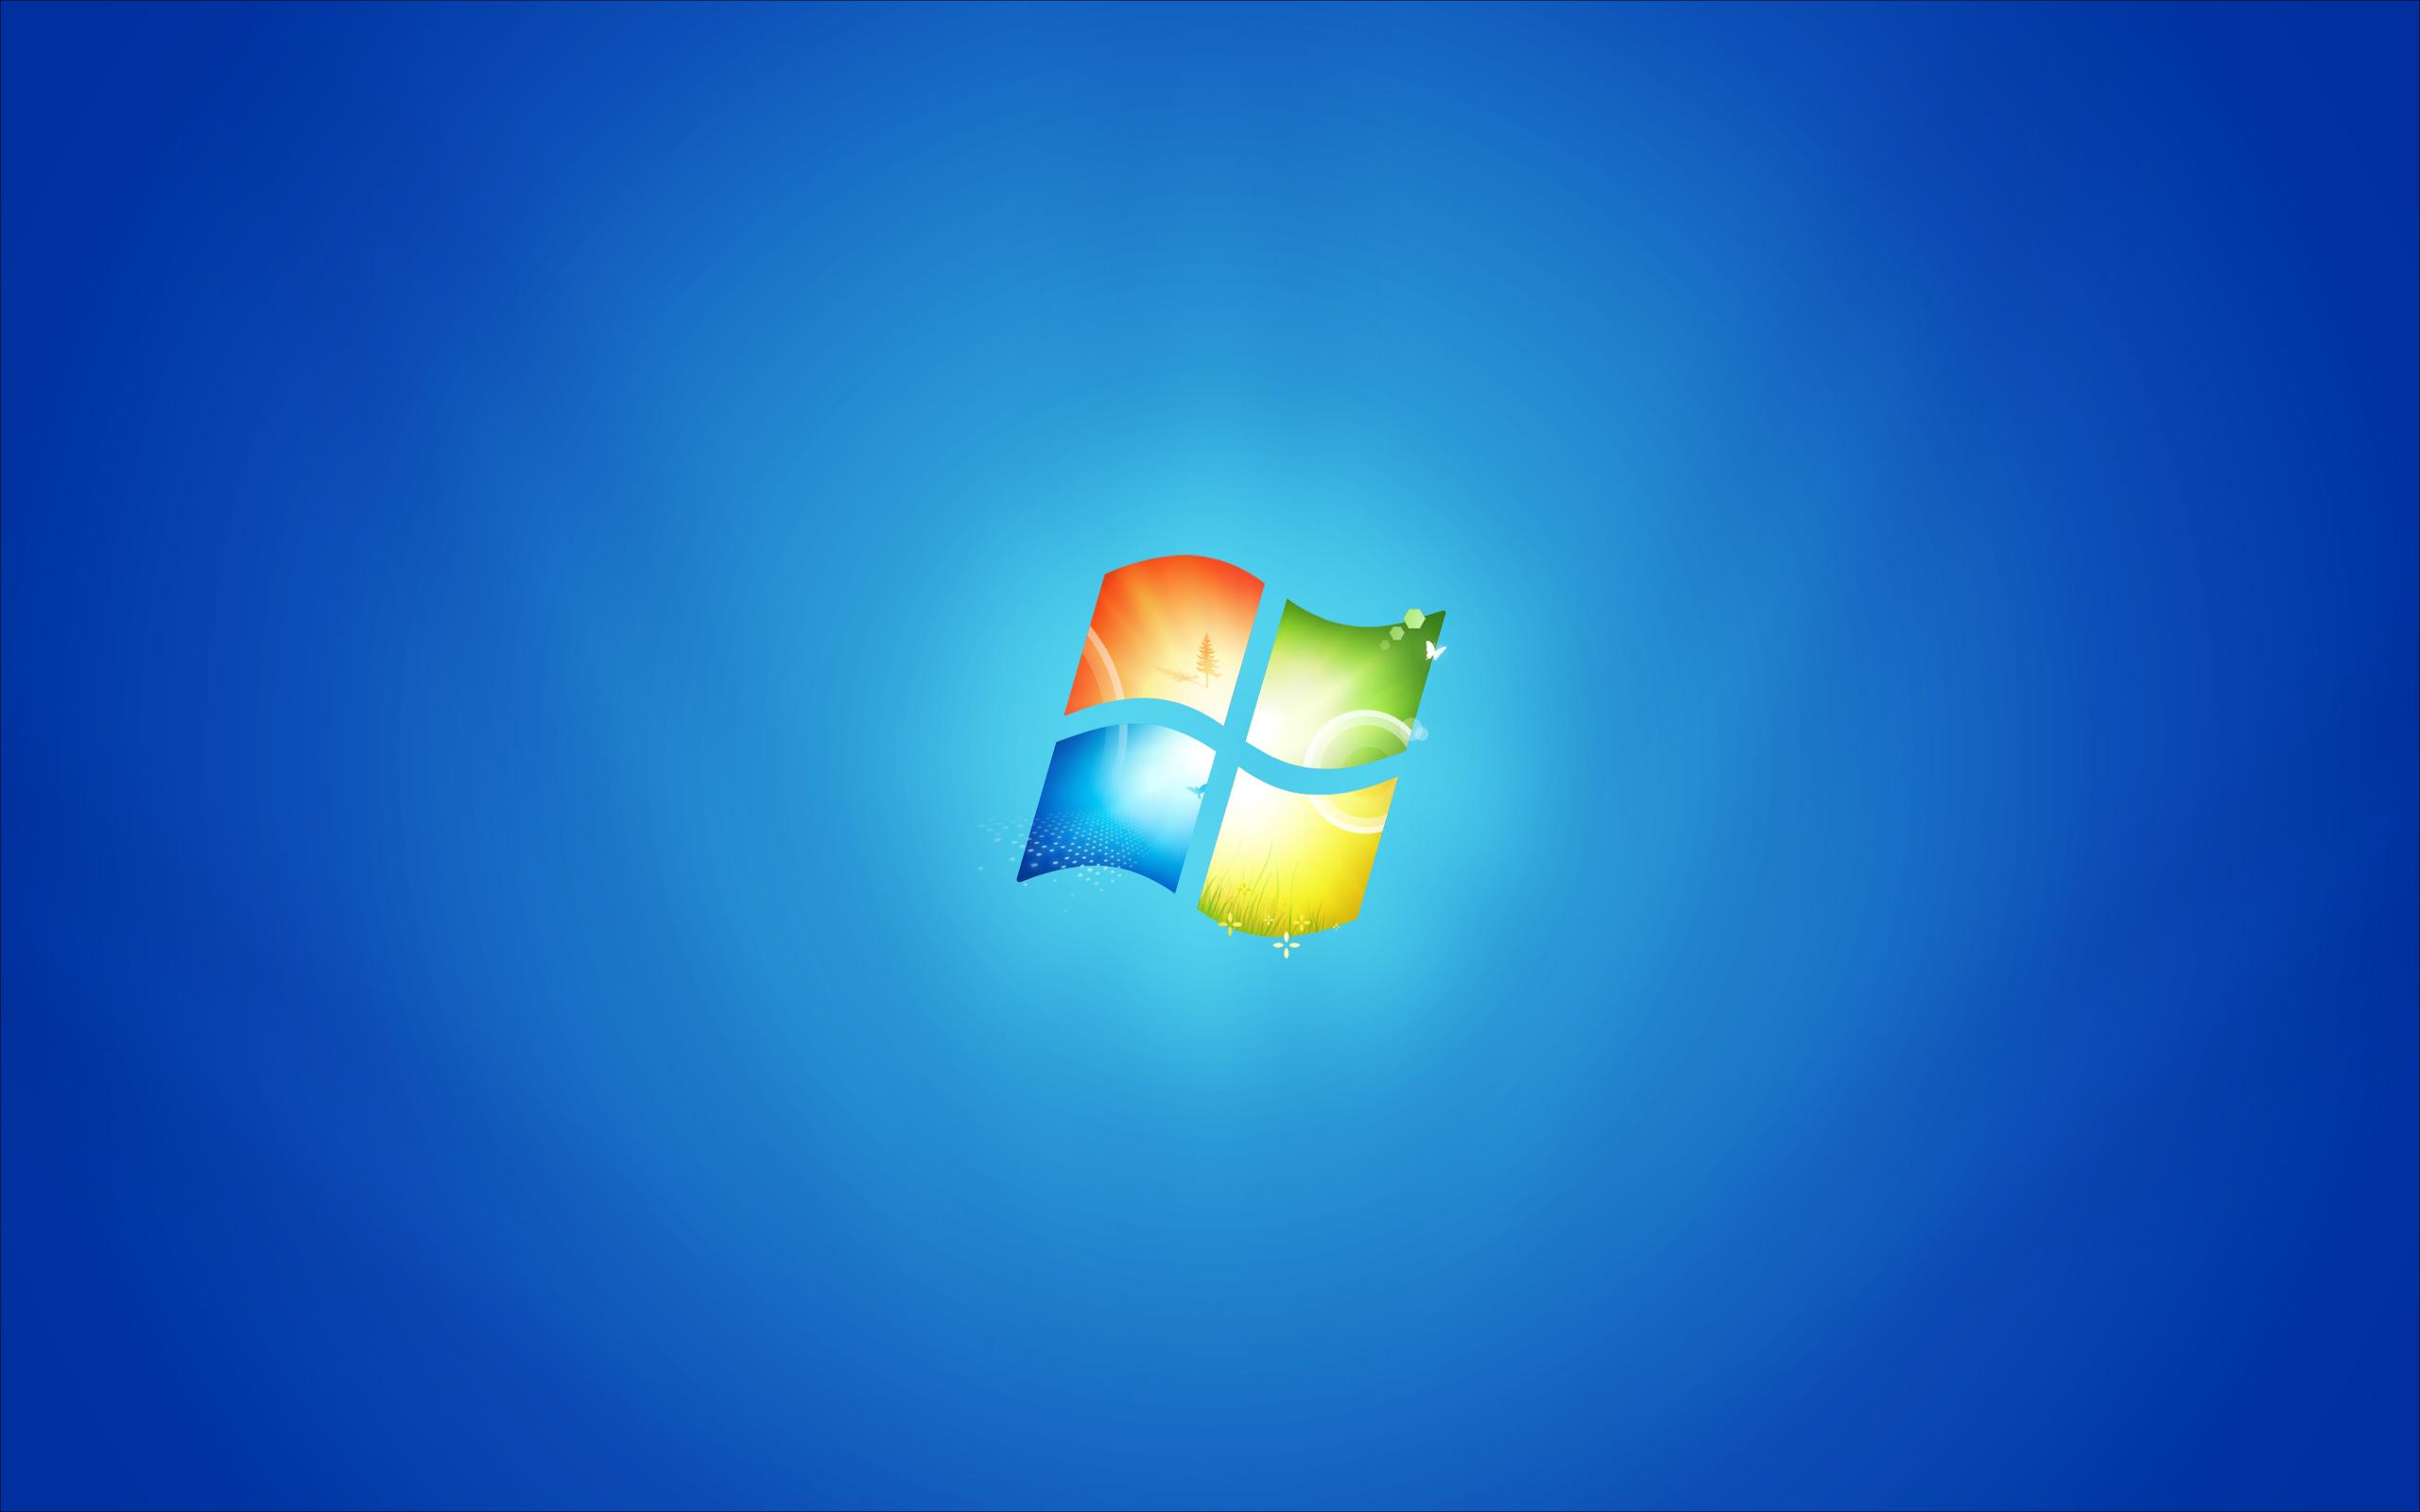 windows 10 default wallpaper download